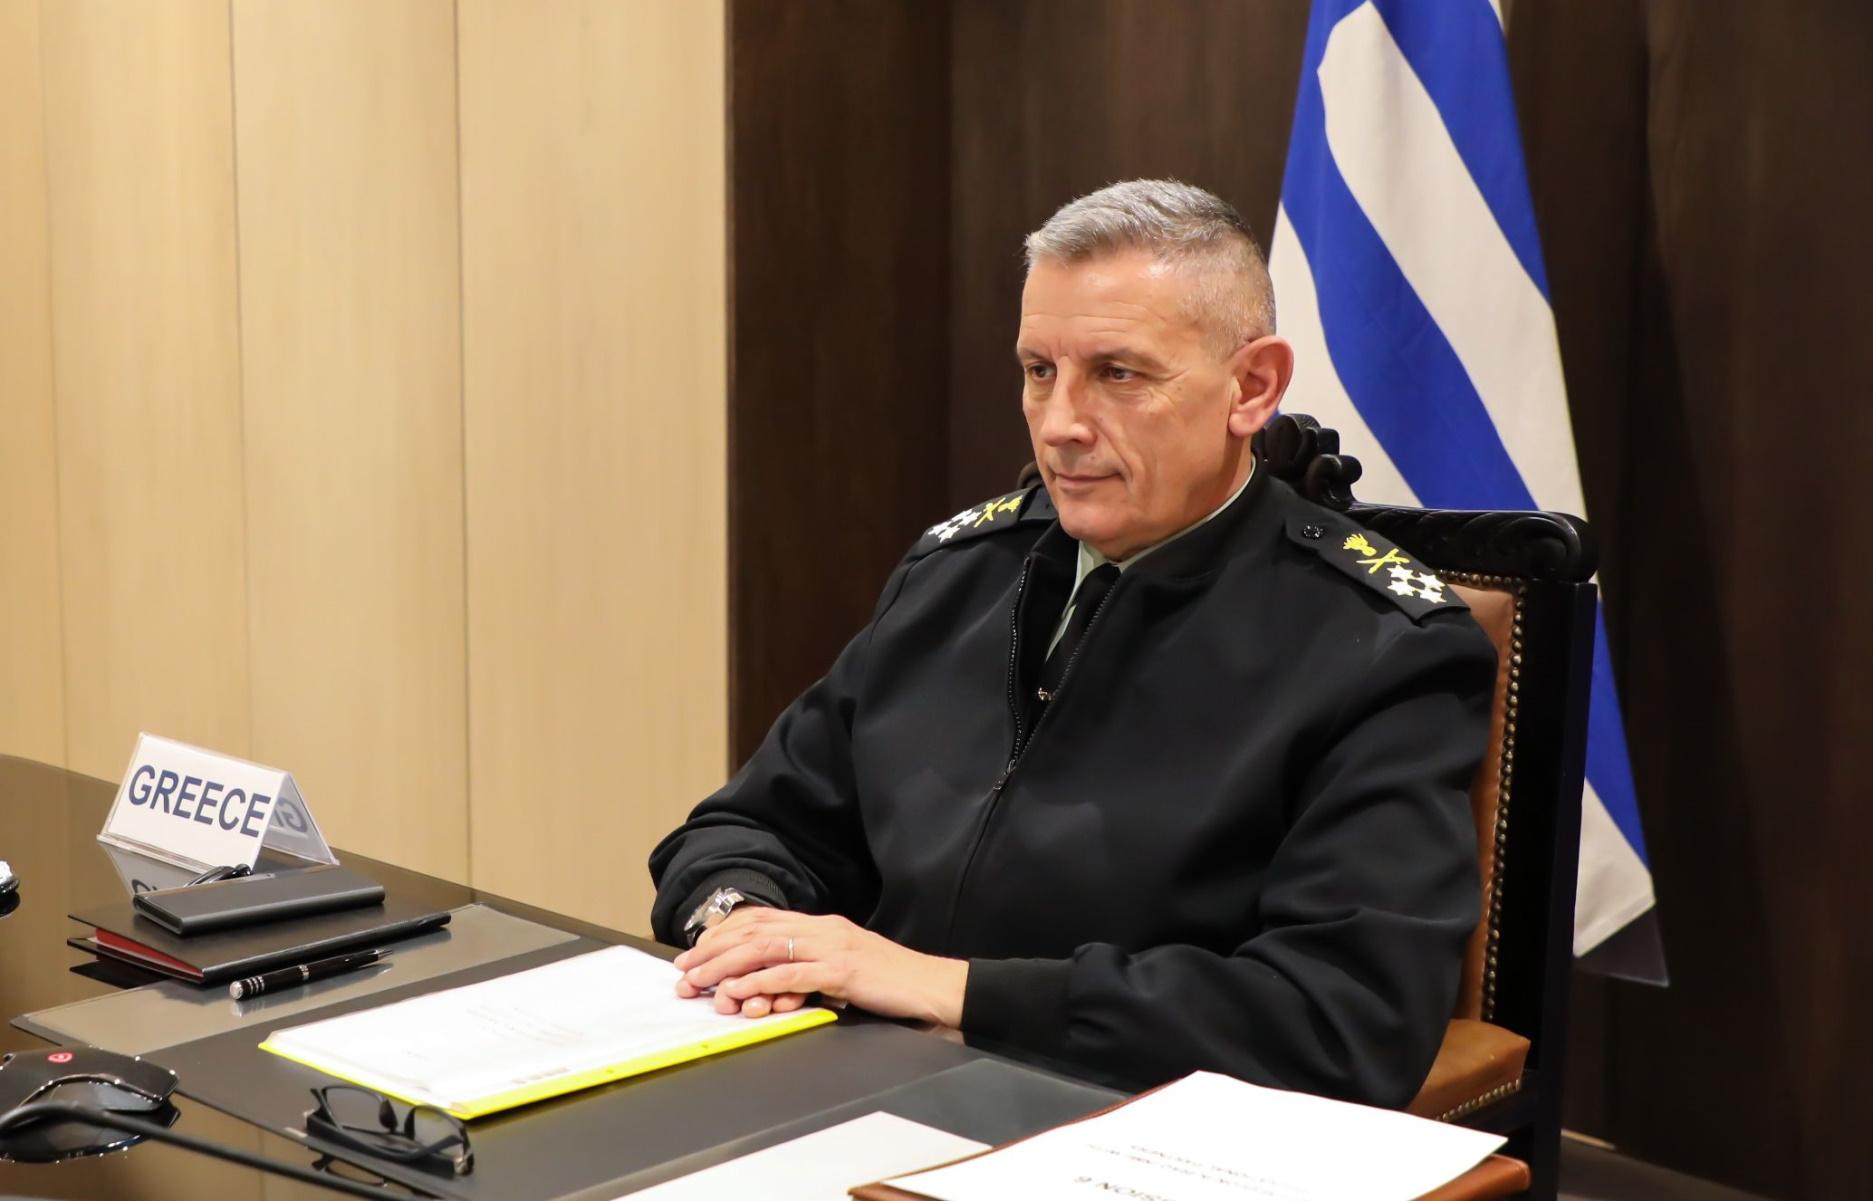 Τι δήλωσε ο Α/ΓΕΕΘΑ Στρατηγός Φλώρος στη Σύνοδο Στρατιωτικής Επιτροπής NATO